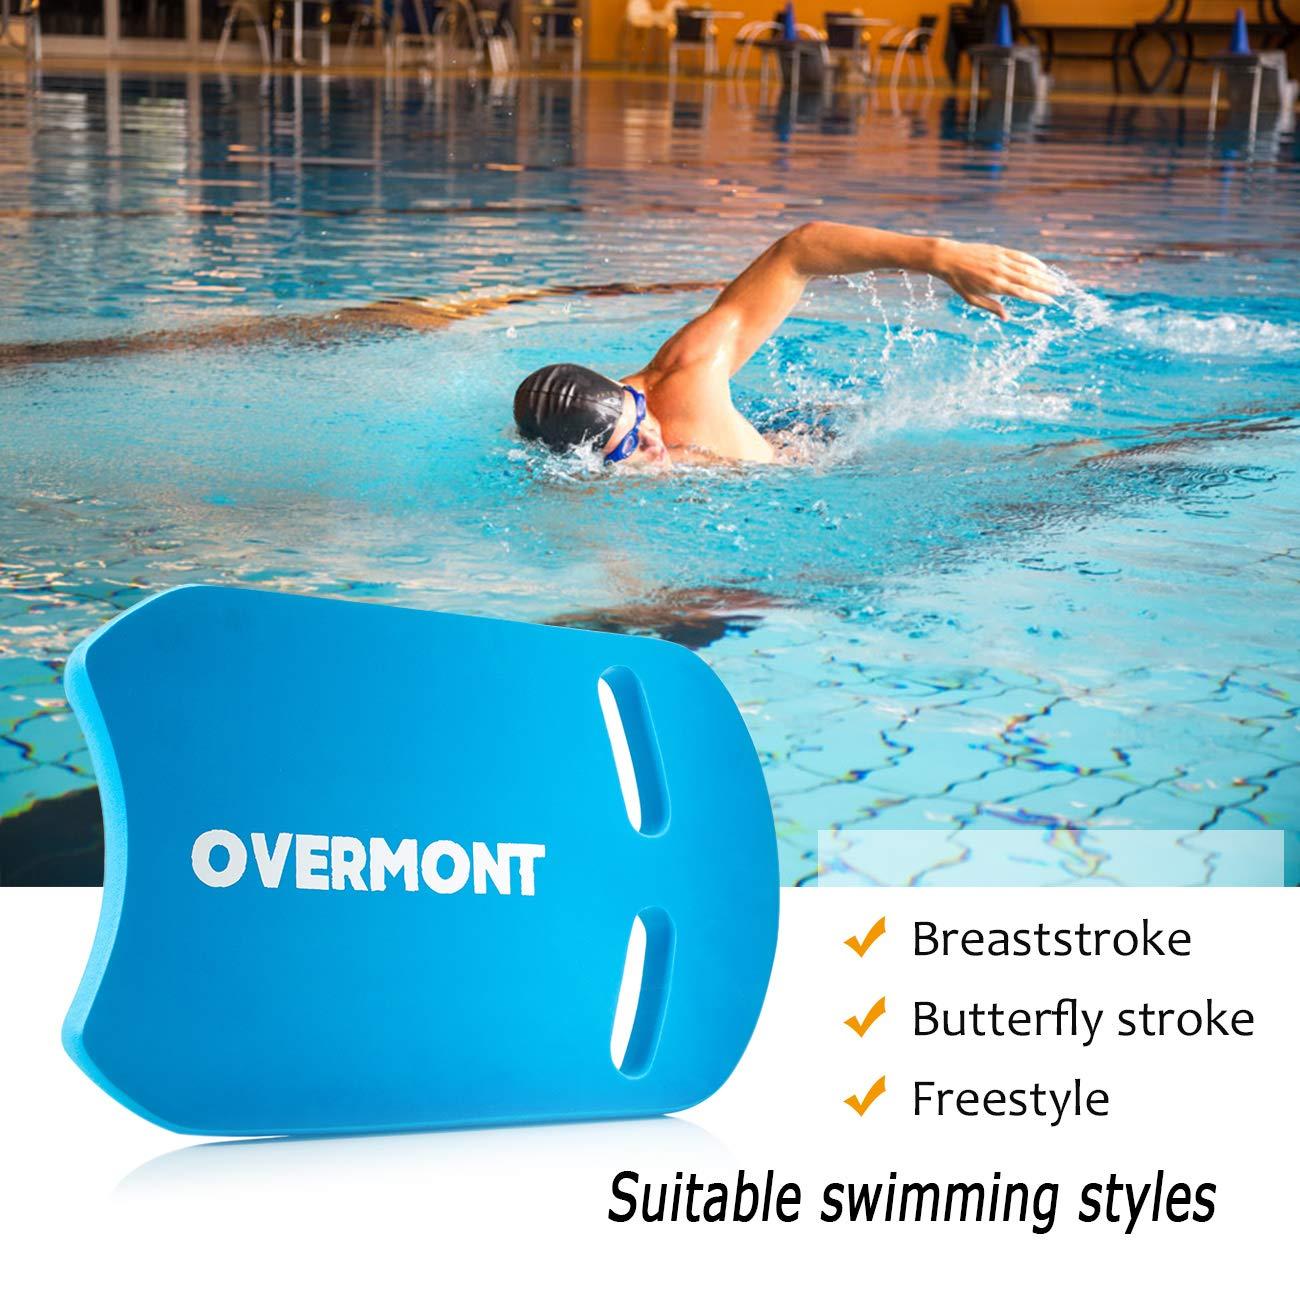 Overmont Kick Board Tabla de Natación Flotador Natación Aprender a Nadar Piscina Formación Deportes Acuáticos para Adultos, Niños Color Azul: Amazon.es: Deportes y aire libre